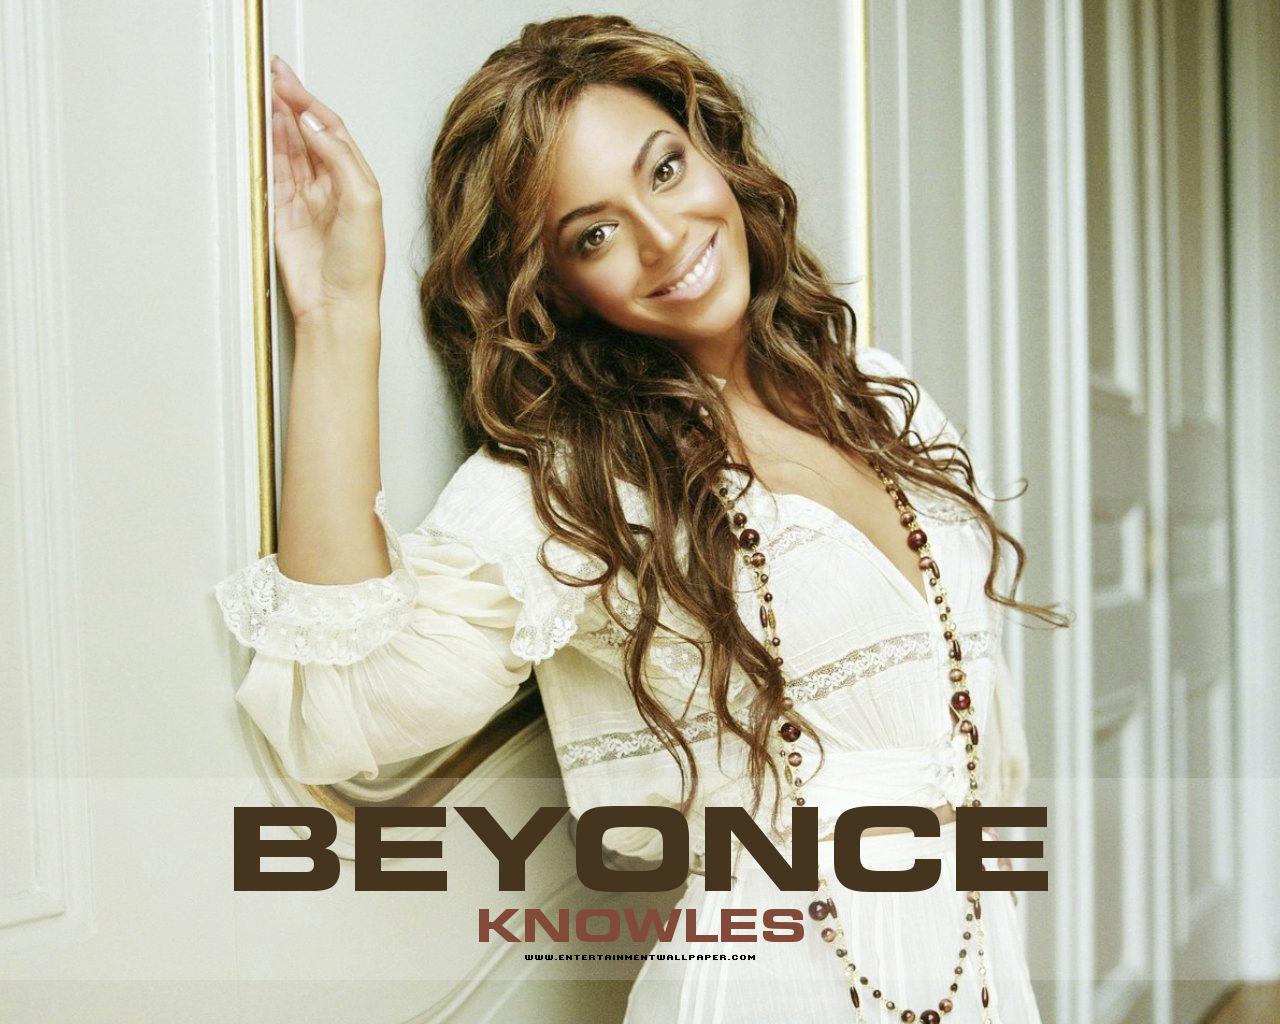 http://4.bp.blogspot.com/-SN-9NBN2m7o/T3oidJmV3HI/AAAAAAAAFoY/SyLgSCVek5A/s1600/Beyonce-Knowles-pics.jpg